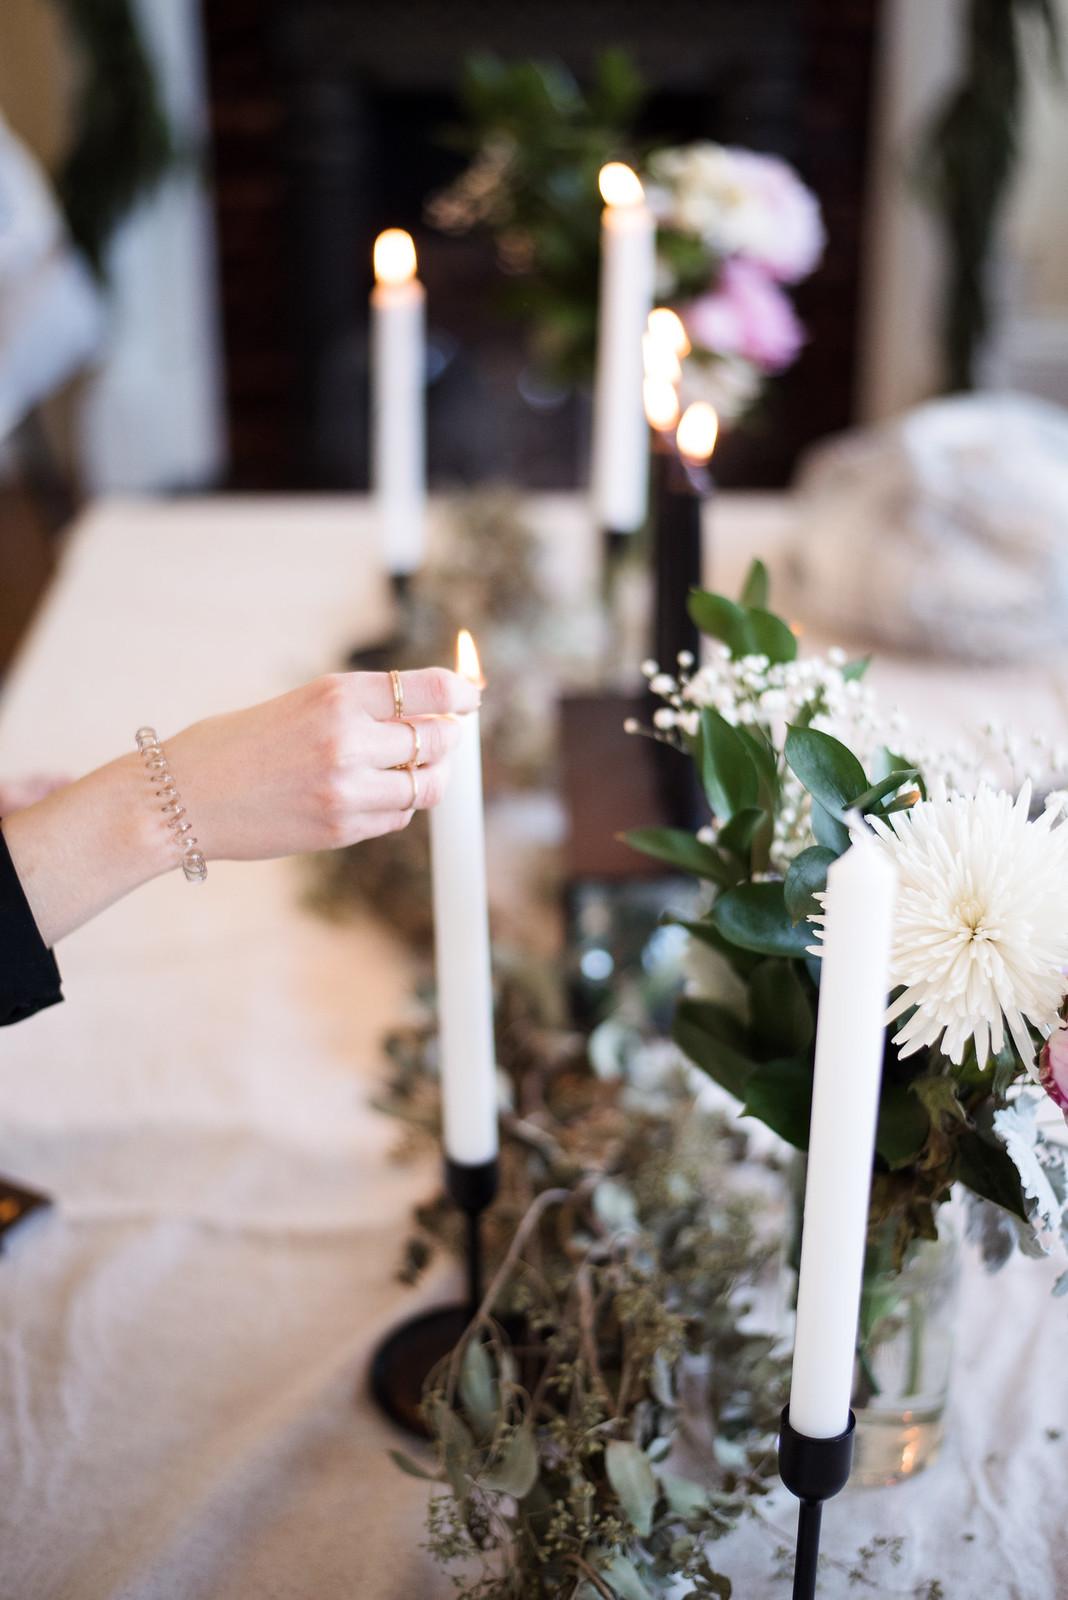 Lighing The Candles on juliettelaura.blogspot.com